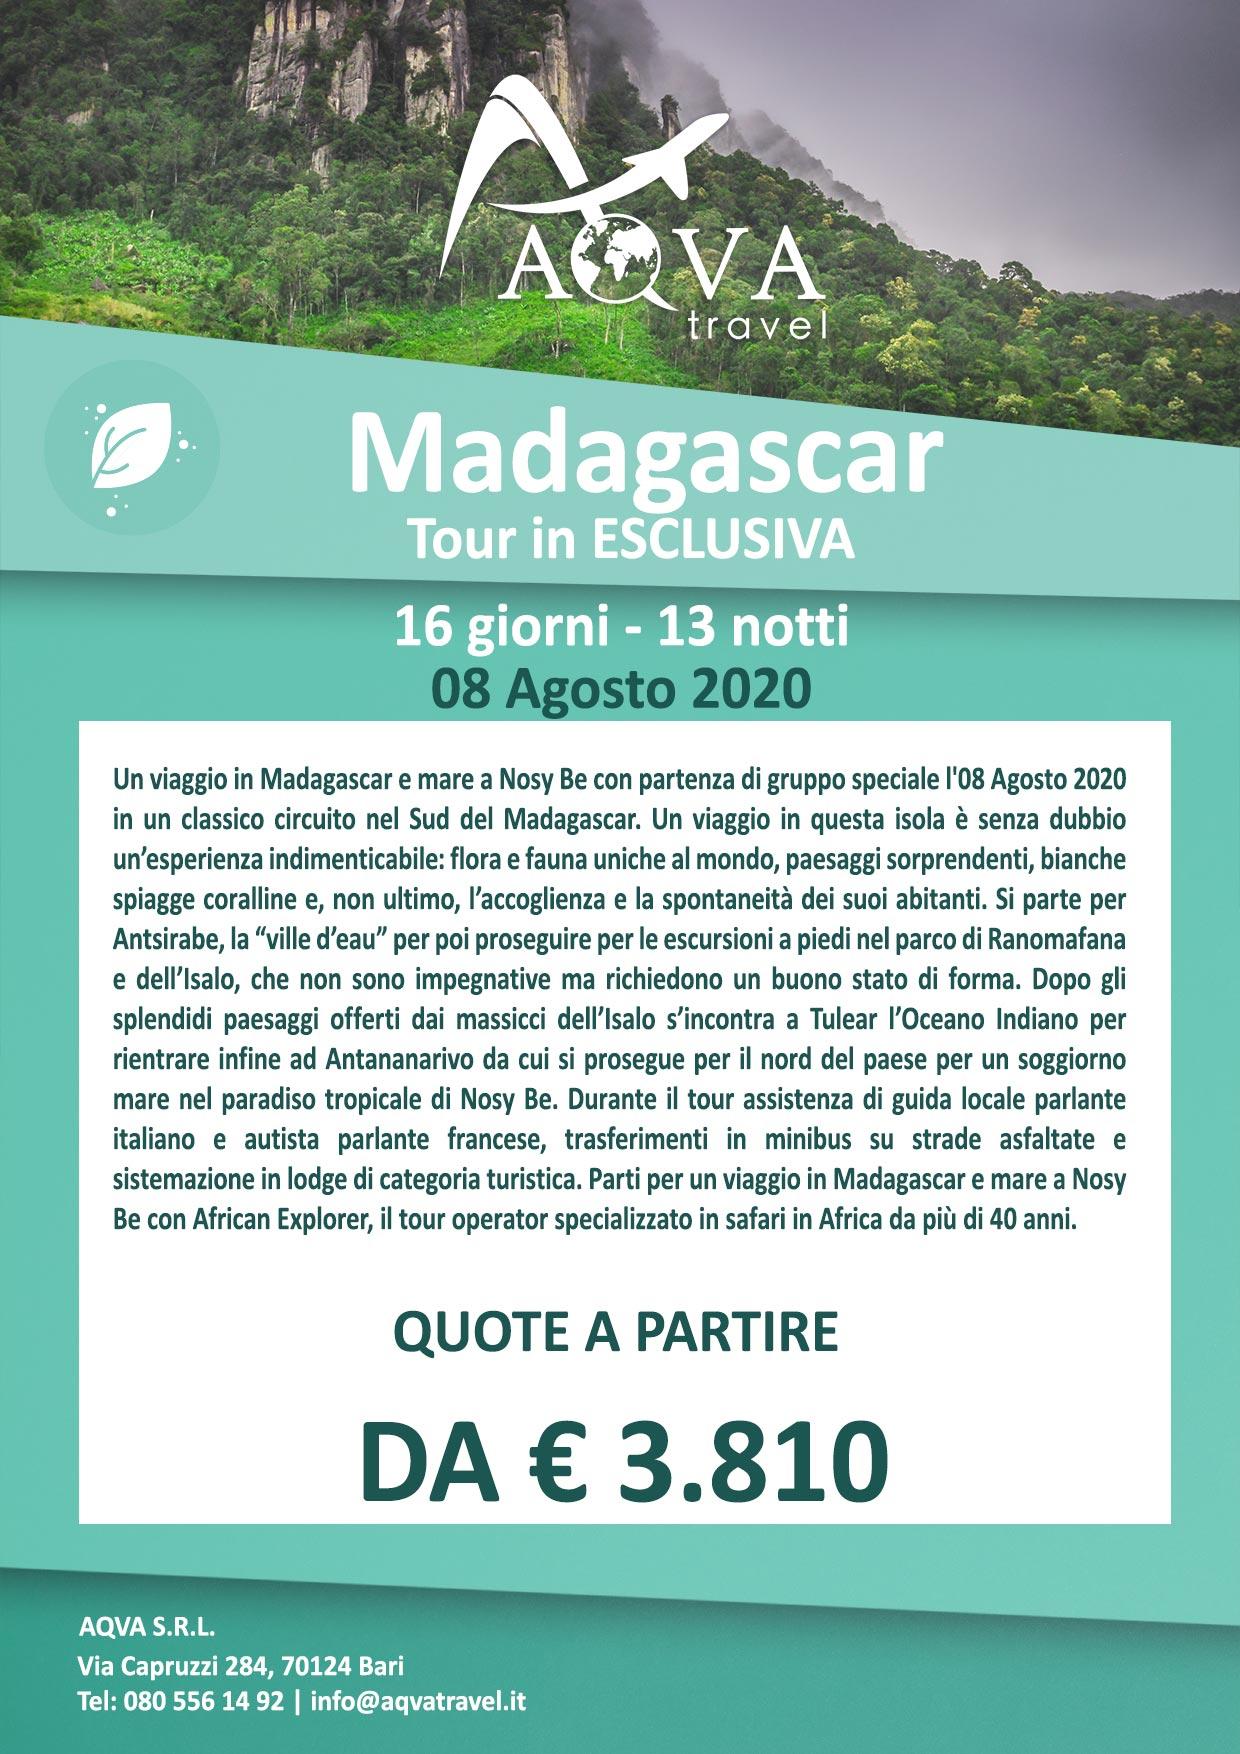 Easy-Madagascar-&-Nosy-Be--08-Agosto-2020-offerte-agenzia-di-viaggi-Bari-AQVATRAVEL-it